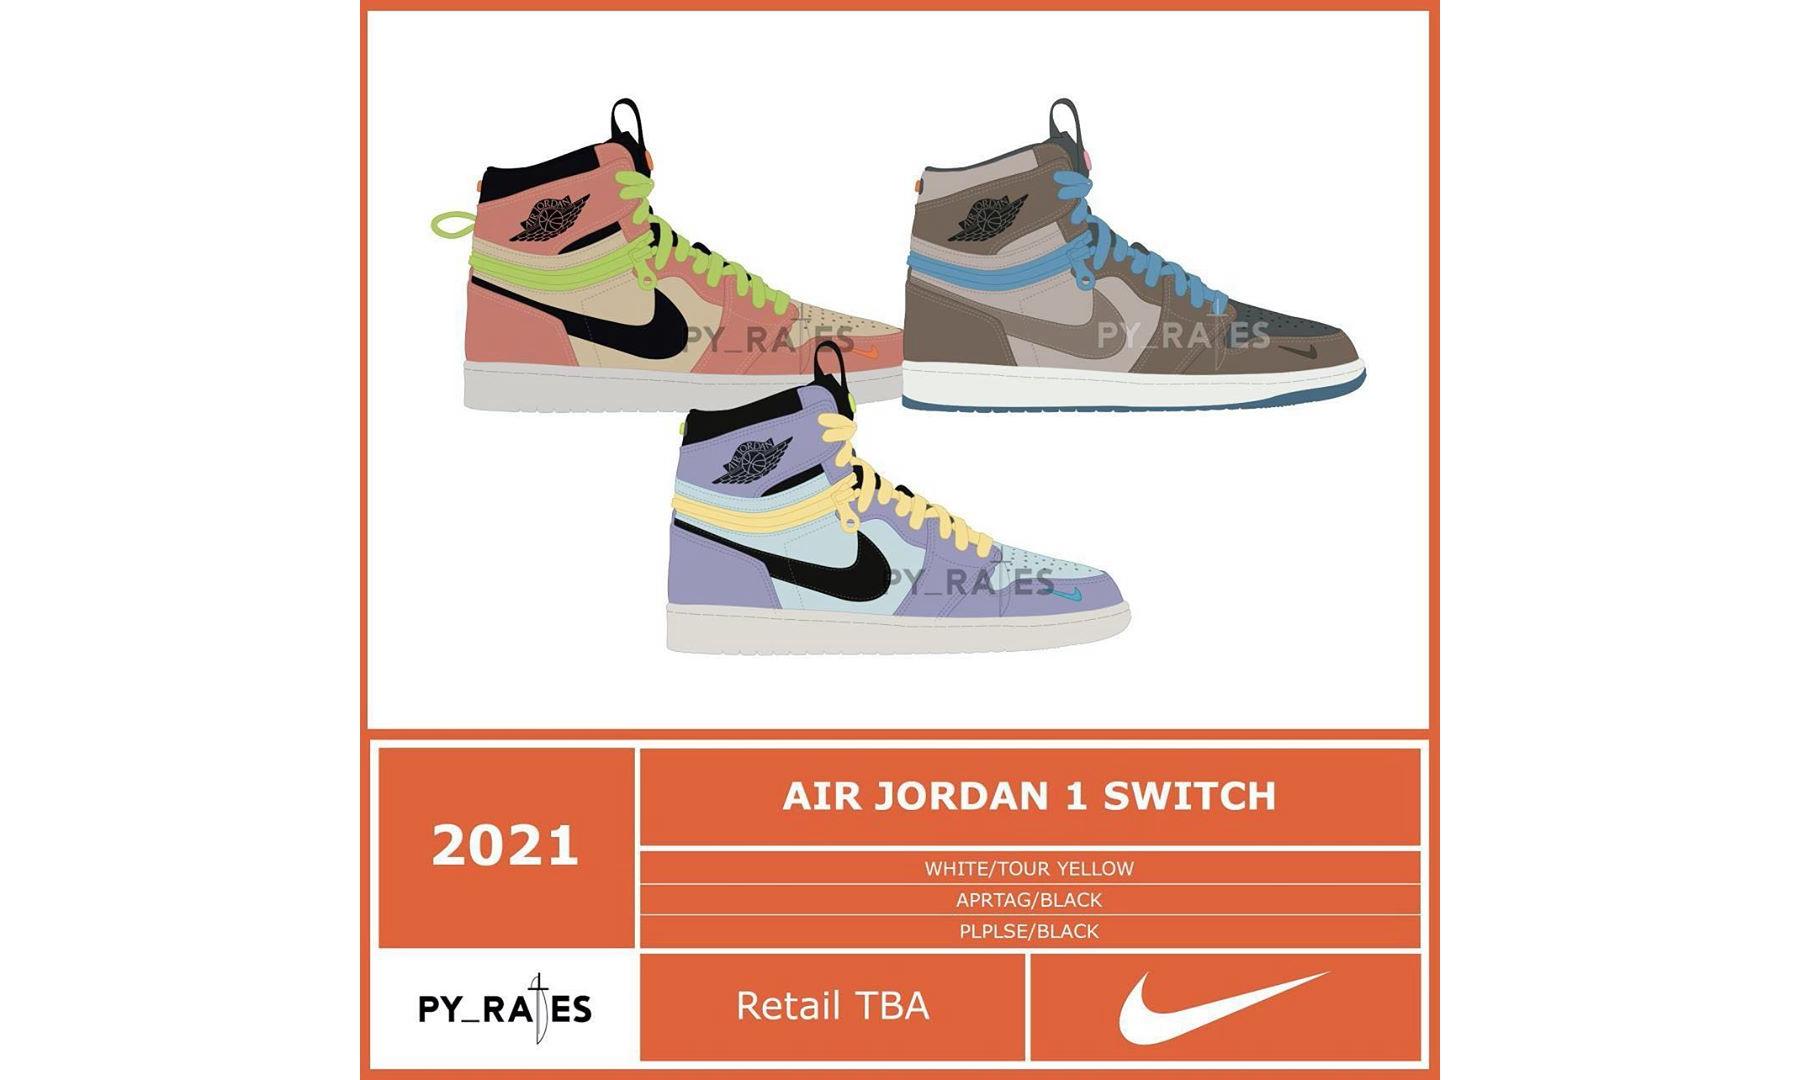 三款 Air Jordan I 新配色将于 2021 年登场